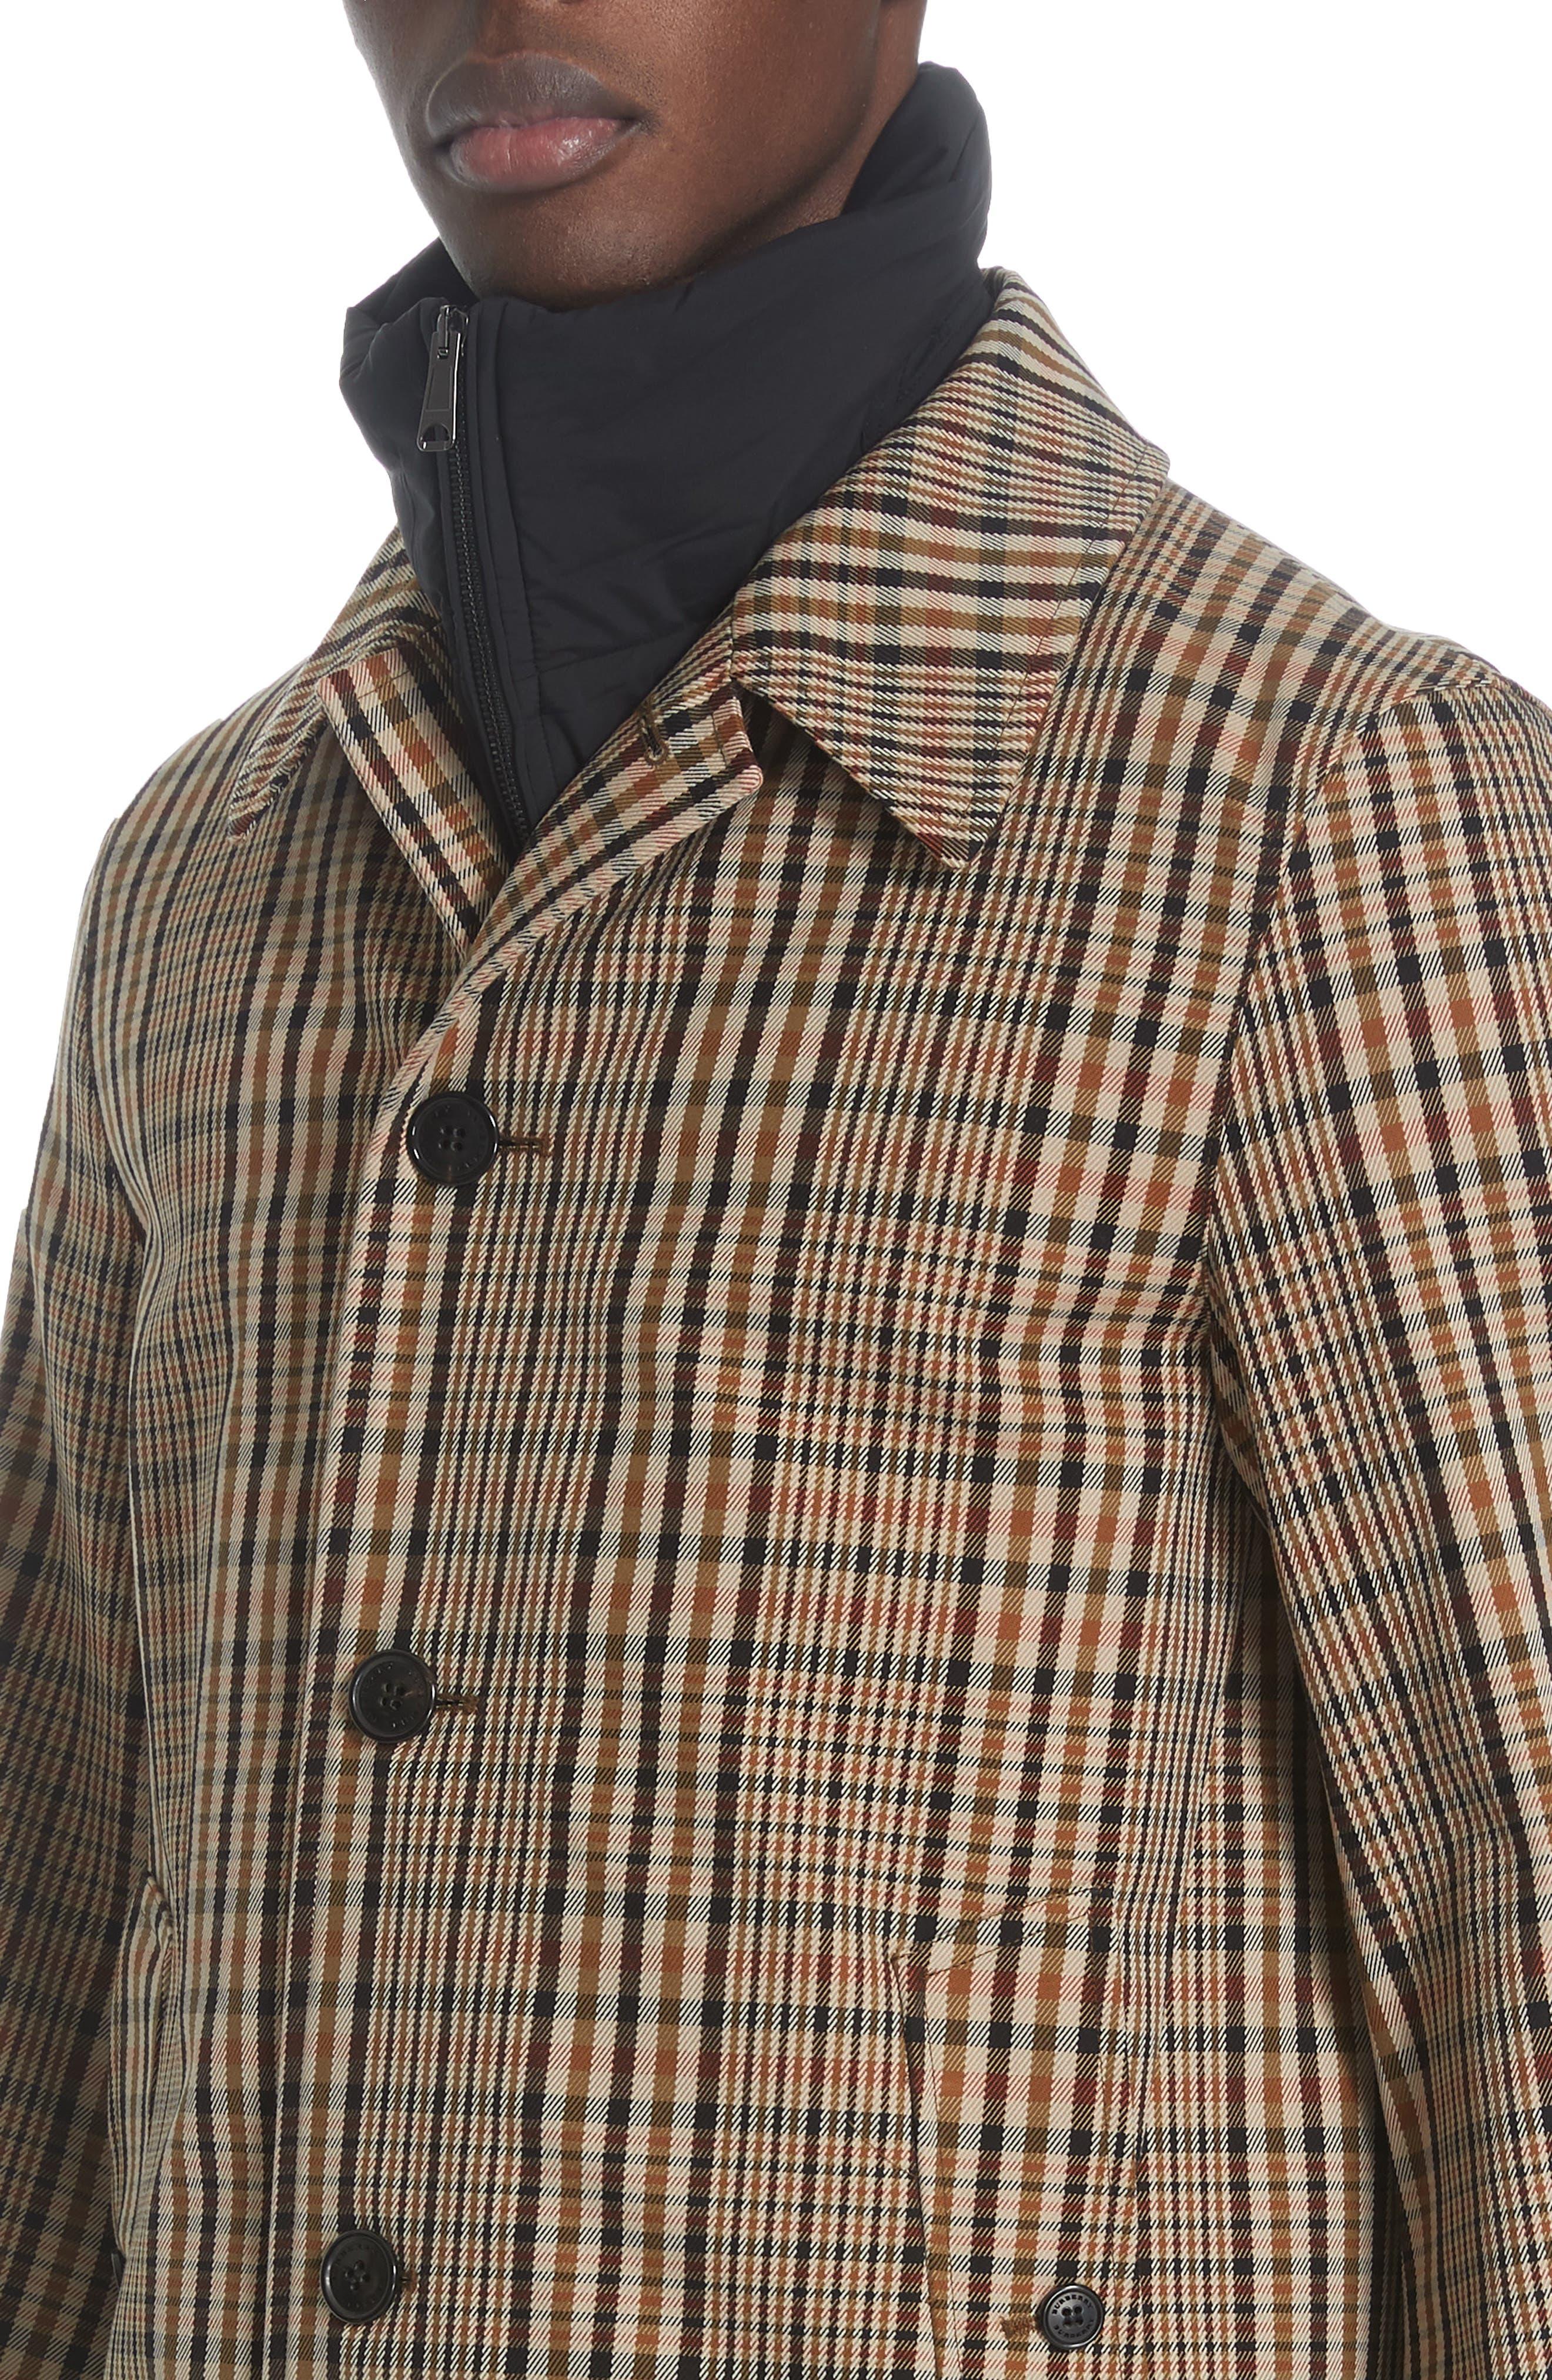 BURBERRY, Lenthorne Check Car Coat with Detachable Vest, Alternate thumbnail 5, color, DARK CAMEL